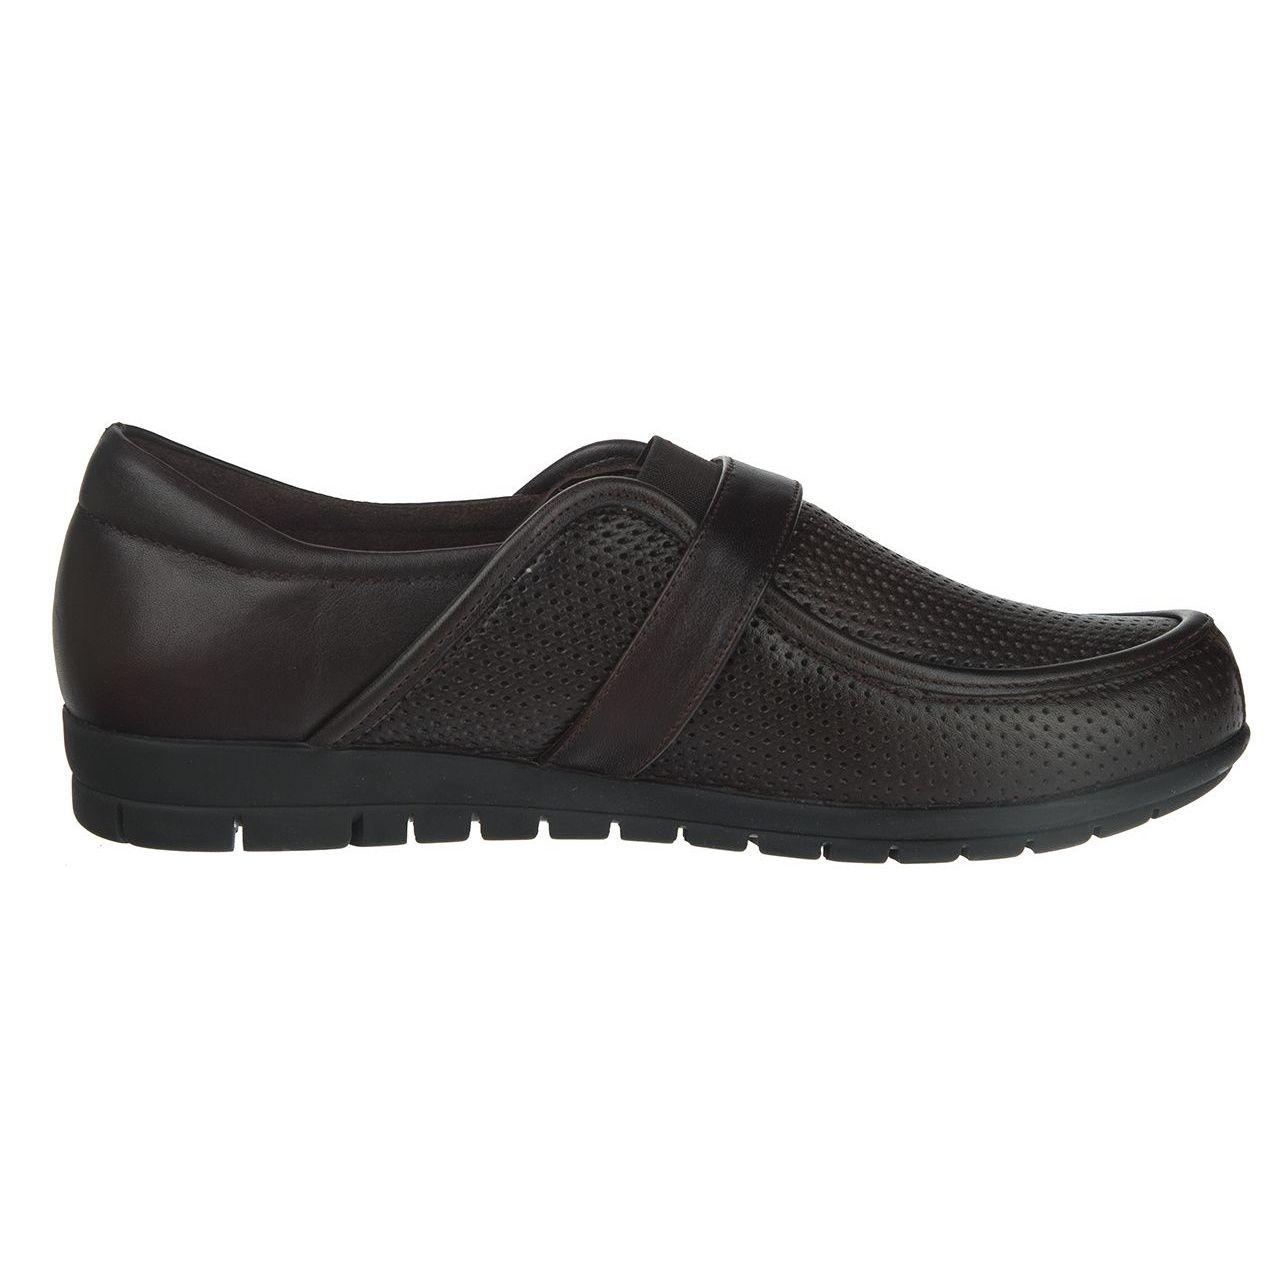 کفش زنانه شیفر مدل 5167A-DBR main 1 2